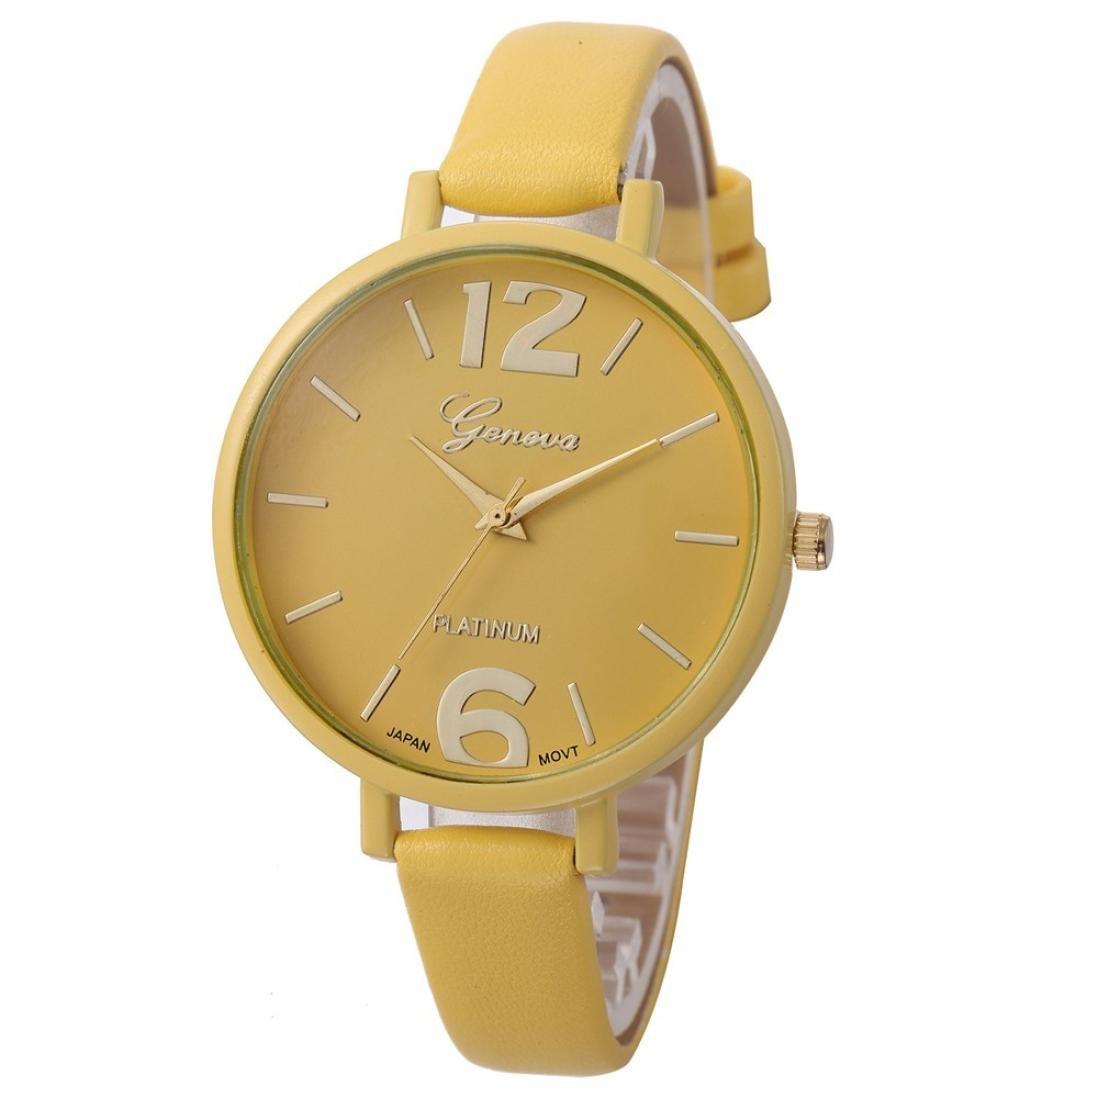 ZLOLIA Women Faux Leather Analog Quartz Wrist Watch (YE)